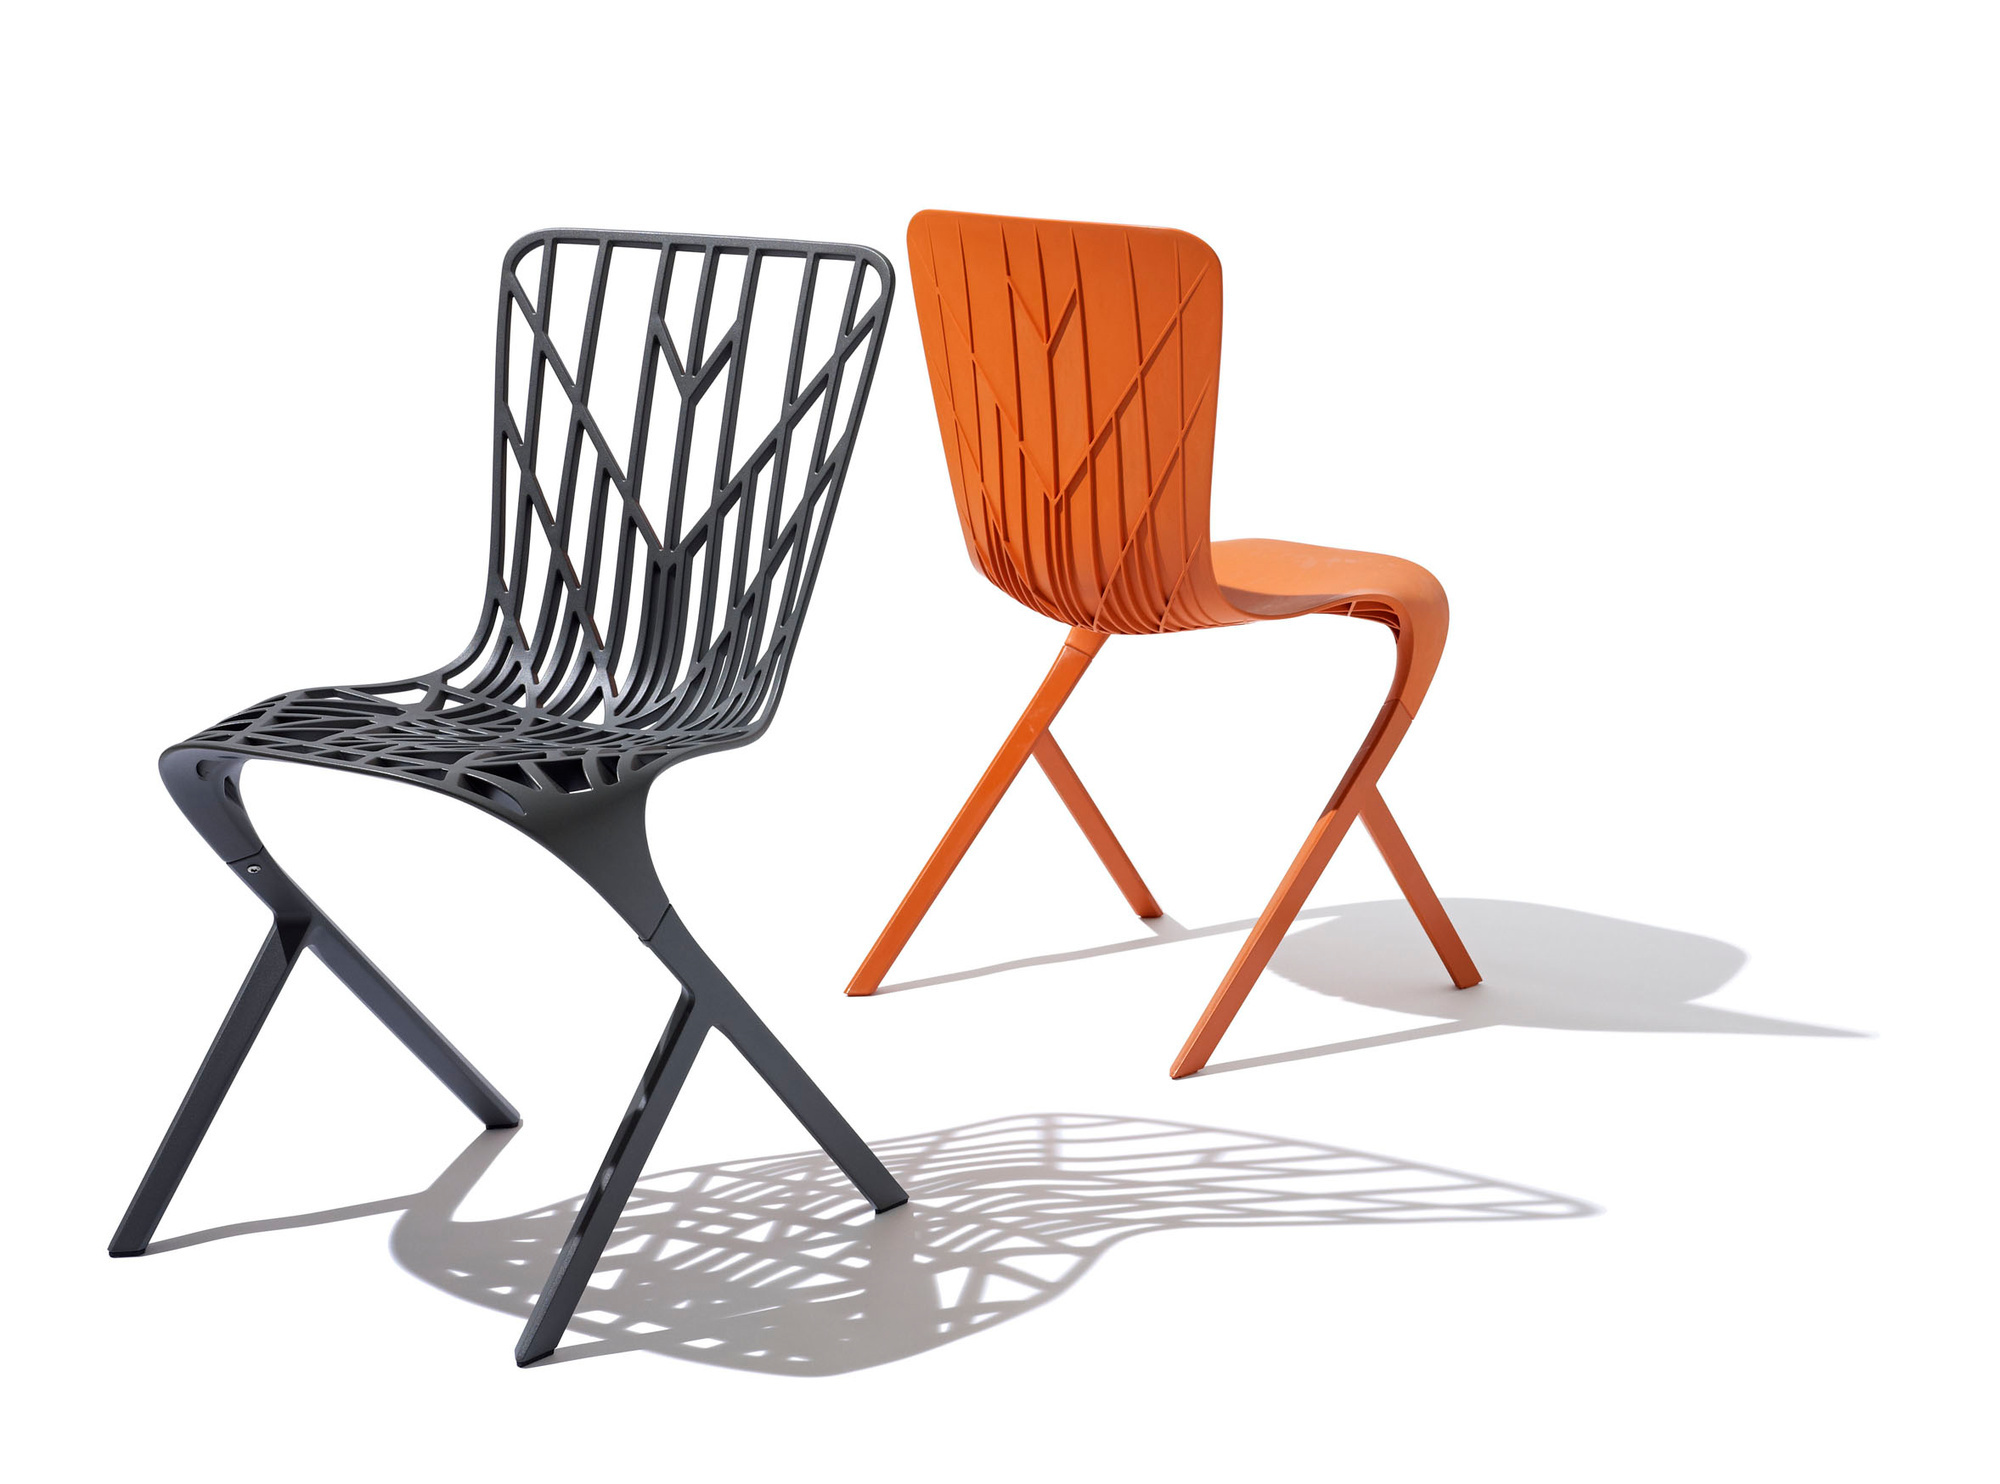 David Adjaye, chaises Washington Skeleton et Washington Skin, 2013, Knoll, Le mobilier d'architectes, 1960-2020, © Cité de l'architecture, Denys Vinson photographe 2019